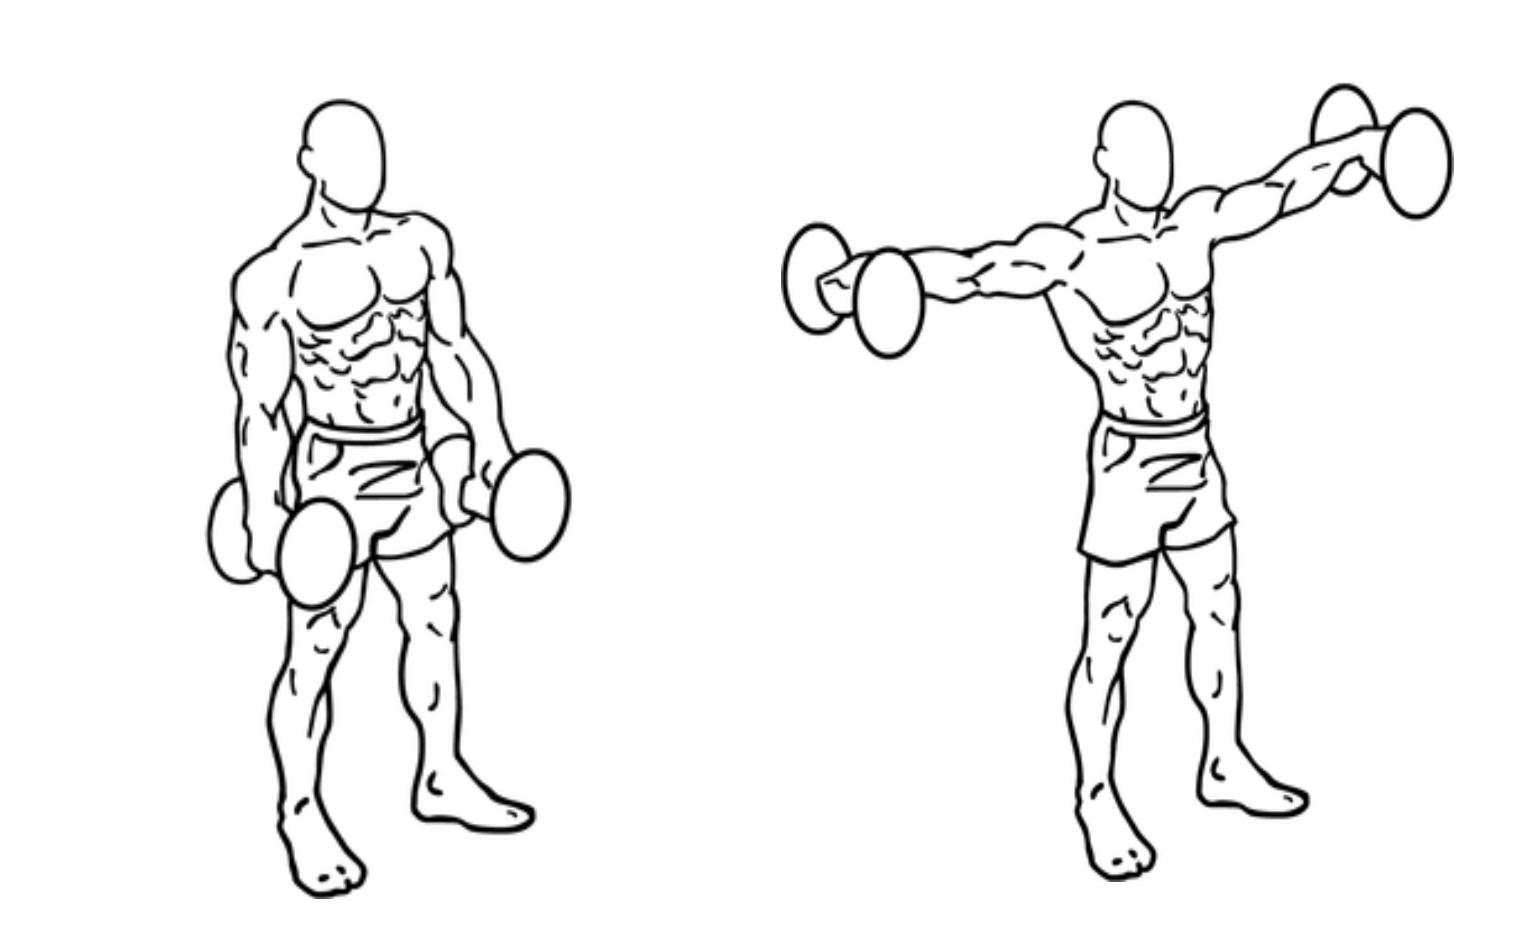 サイドレイズの注意点・コツ 6選!肩の筋肉を効率よく鍛える!